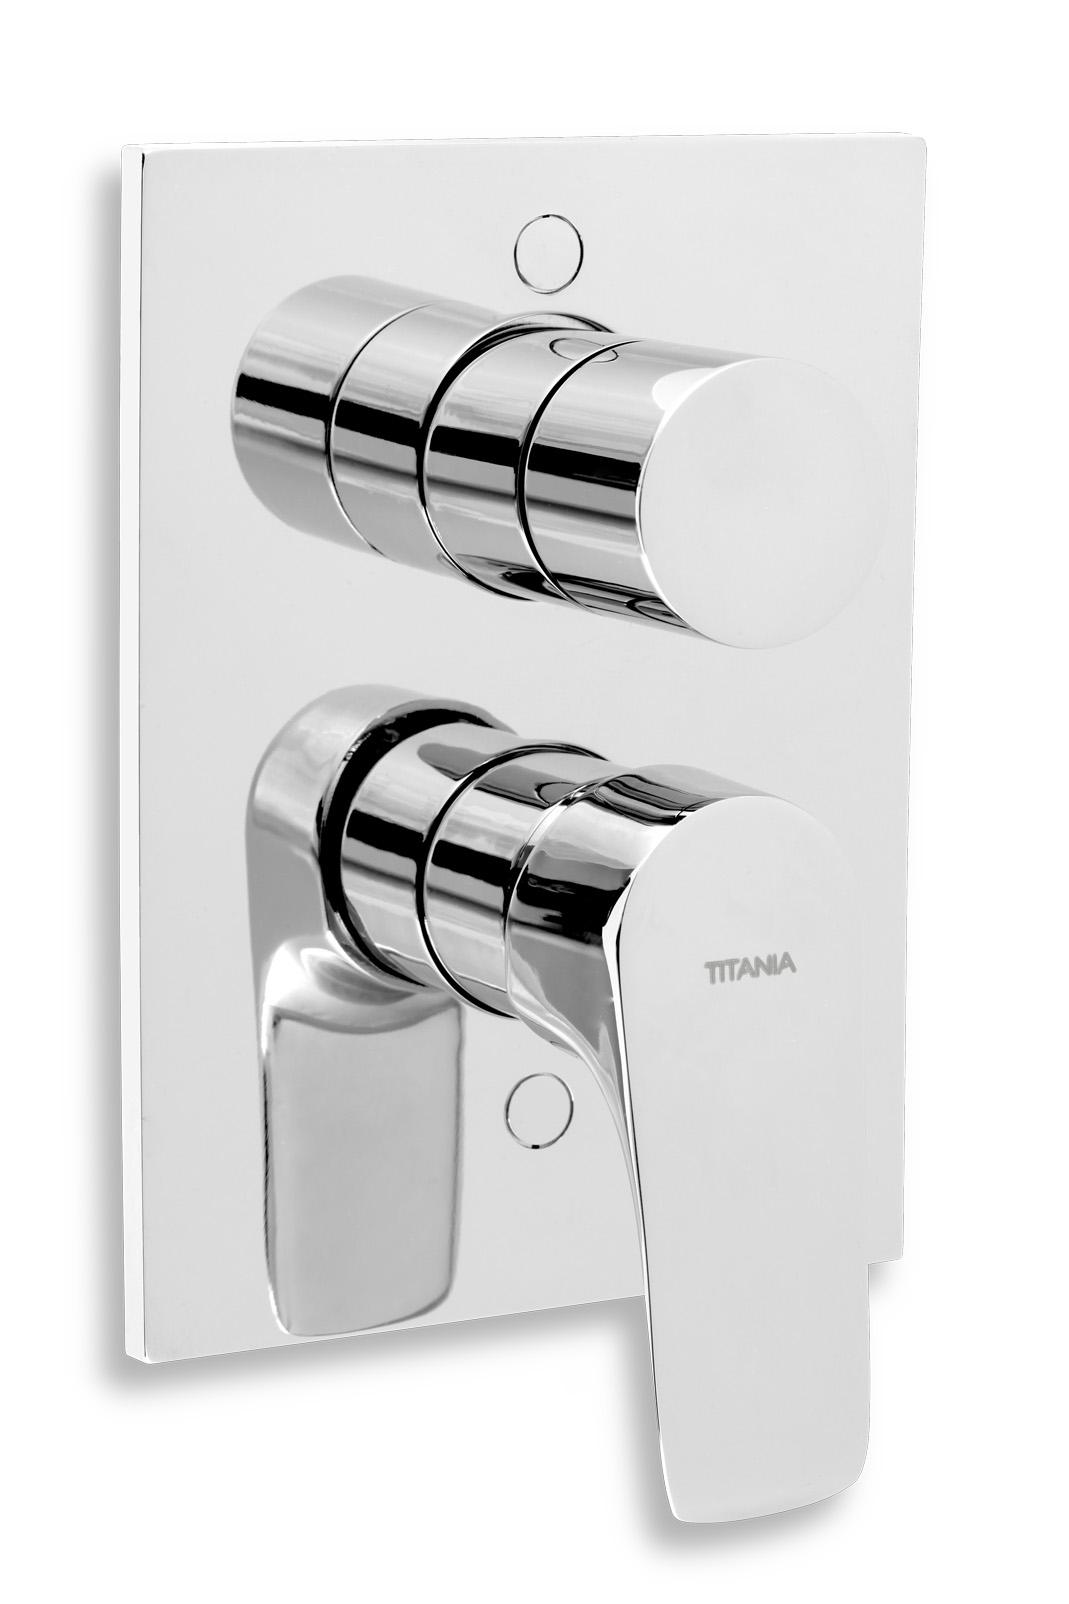 Vanová sprchová baterie s přepínačem Titania Nice chrom